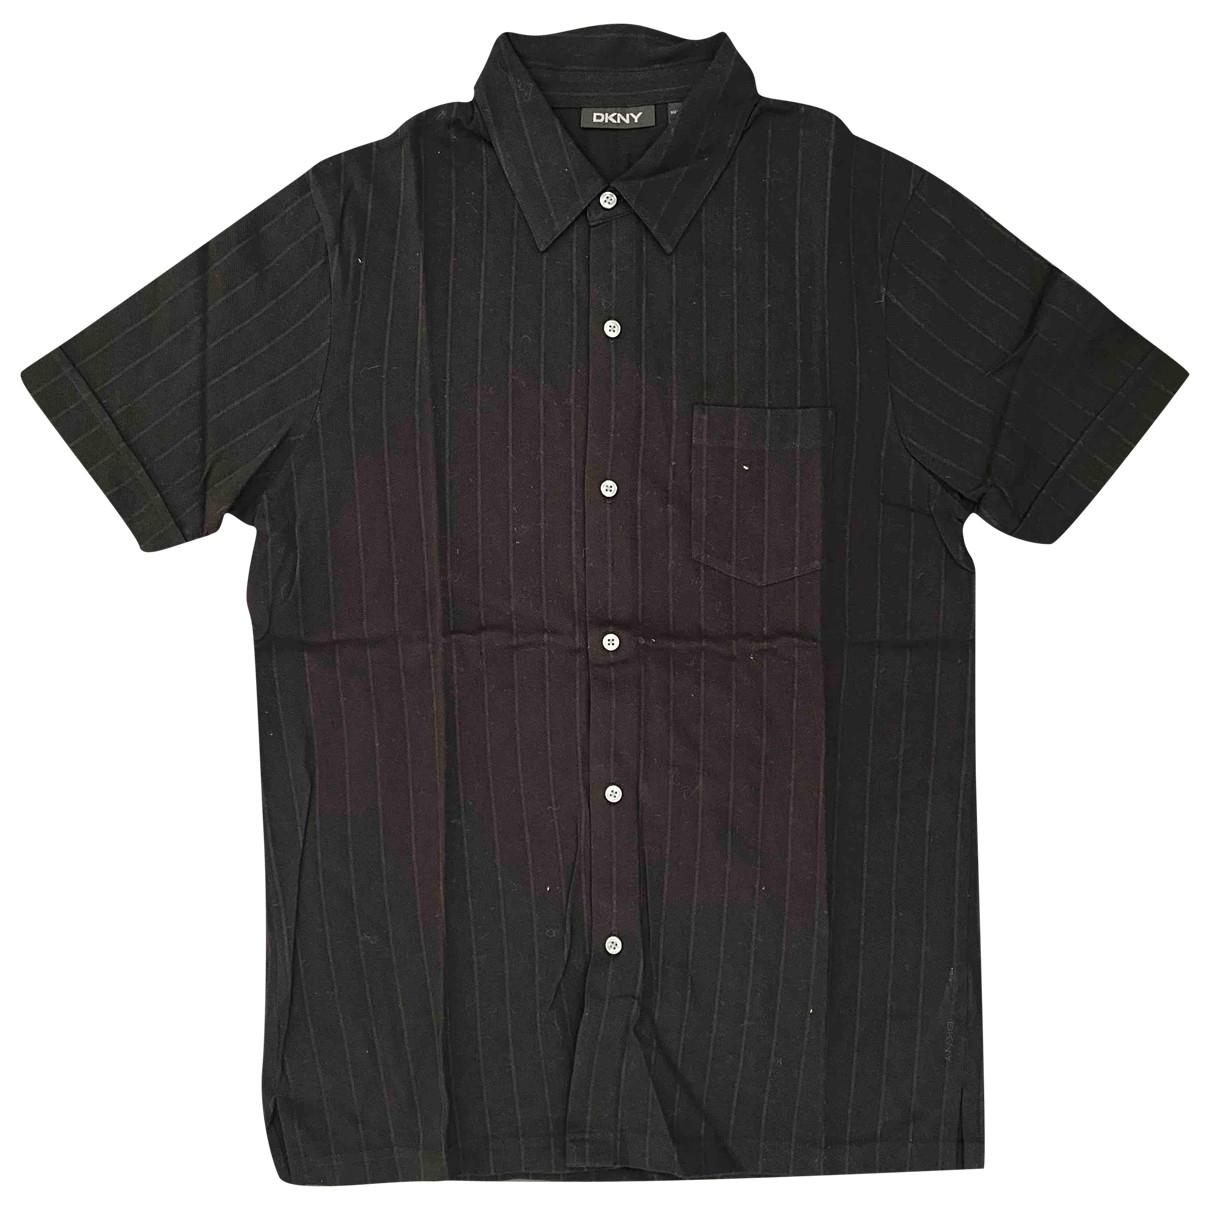 Dkny - Polos   pour homme en coton - noir